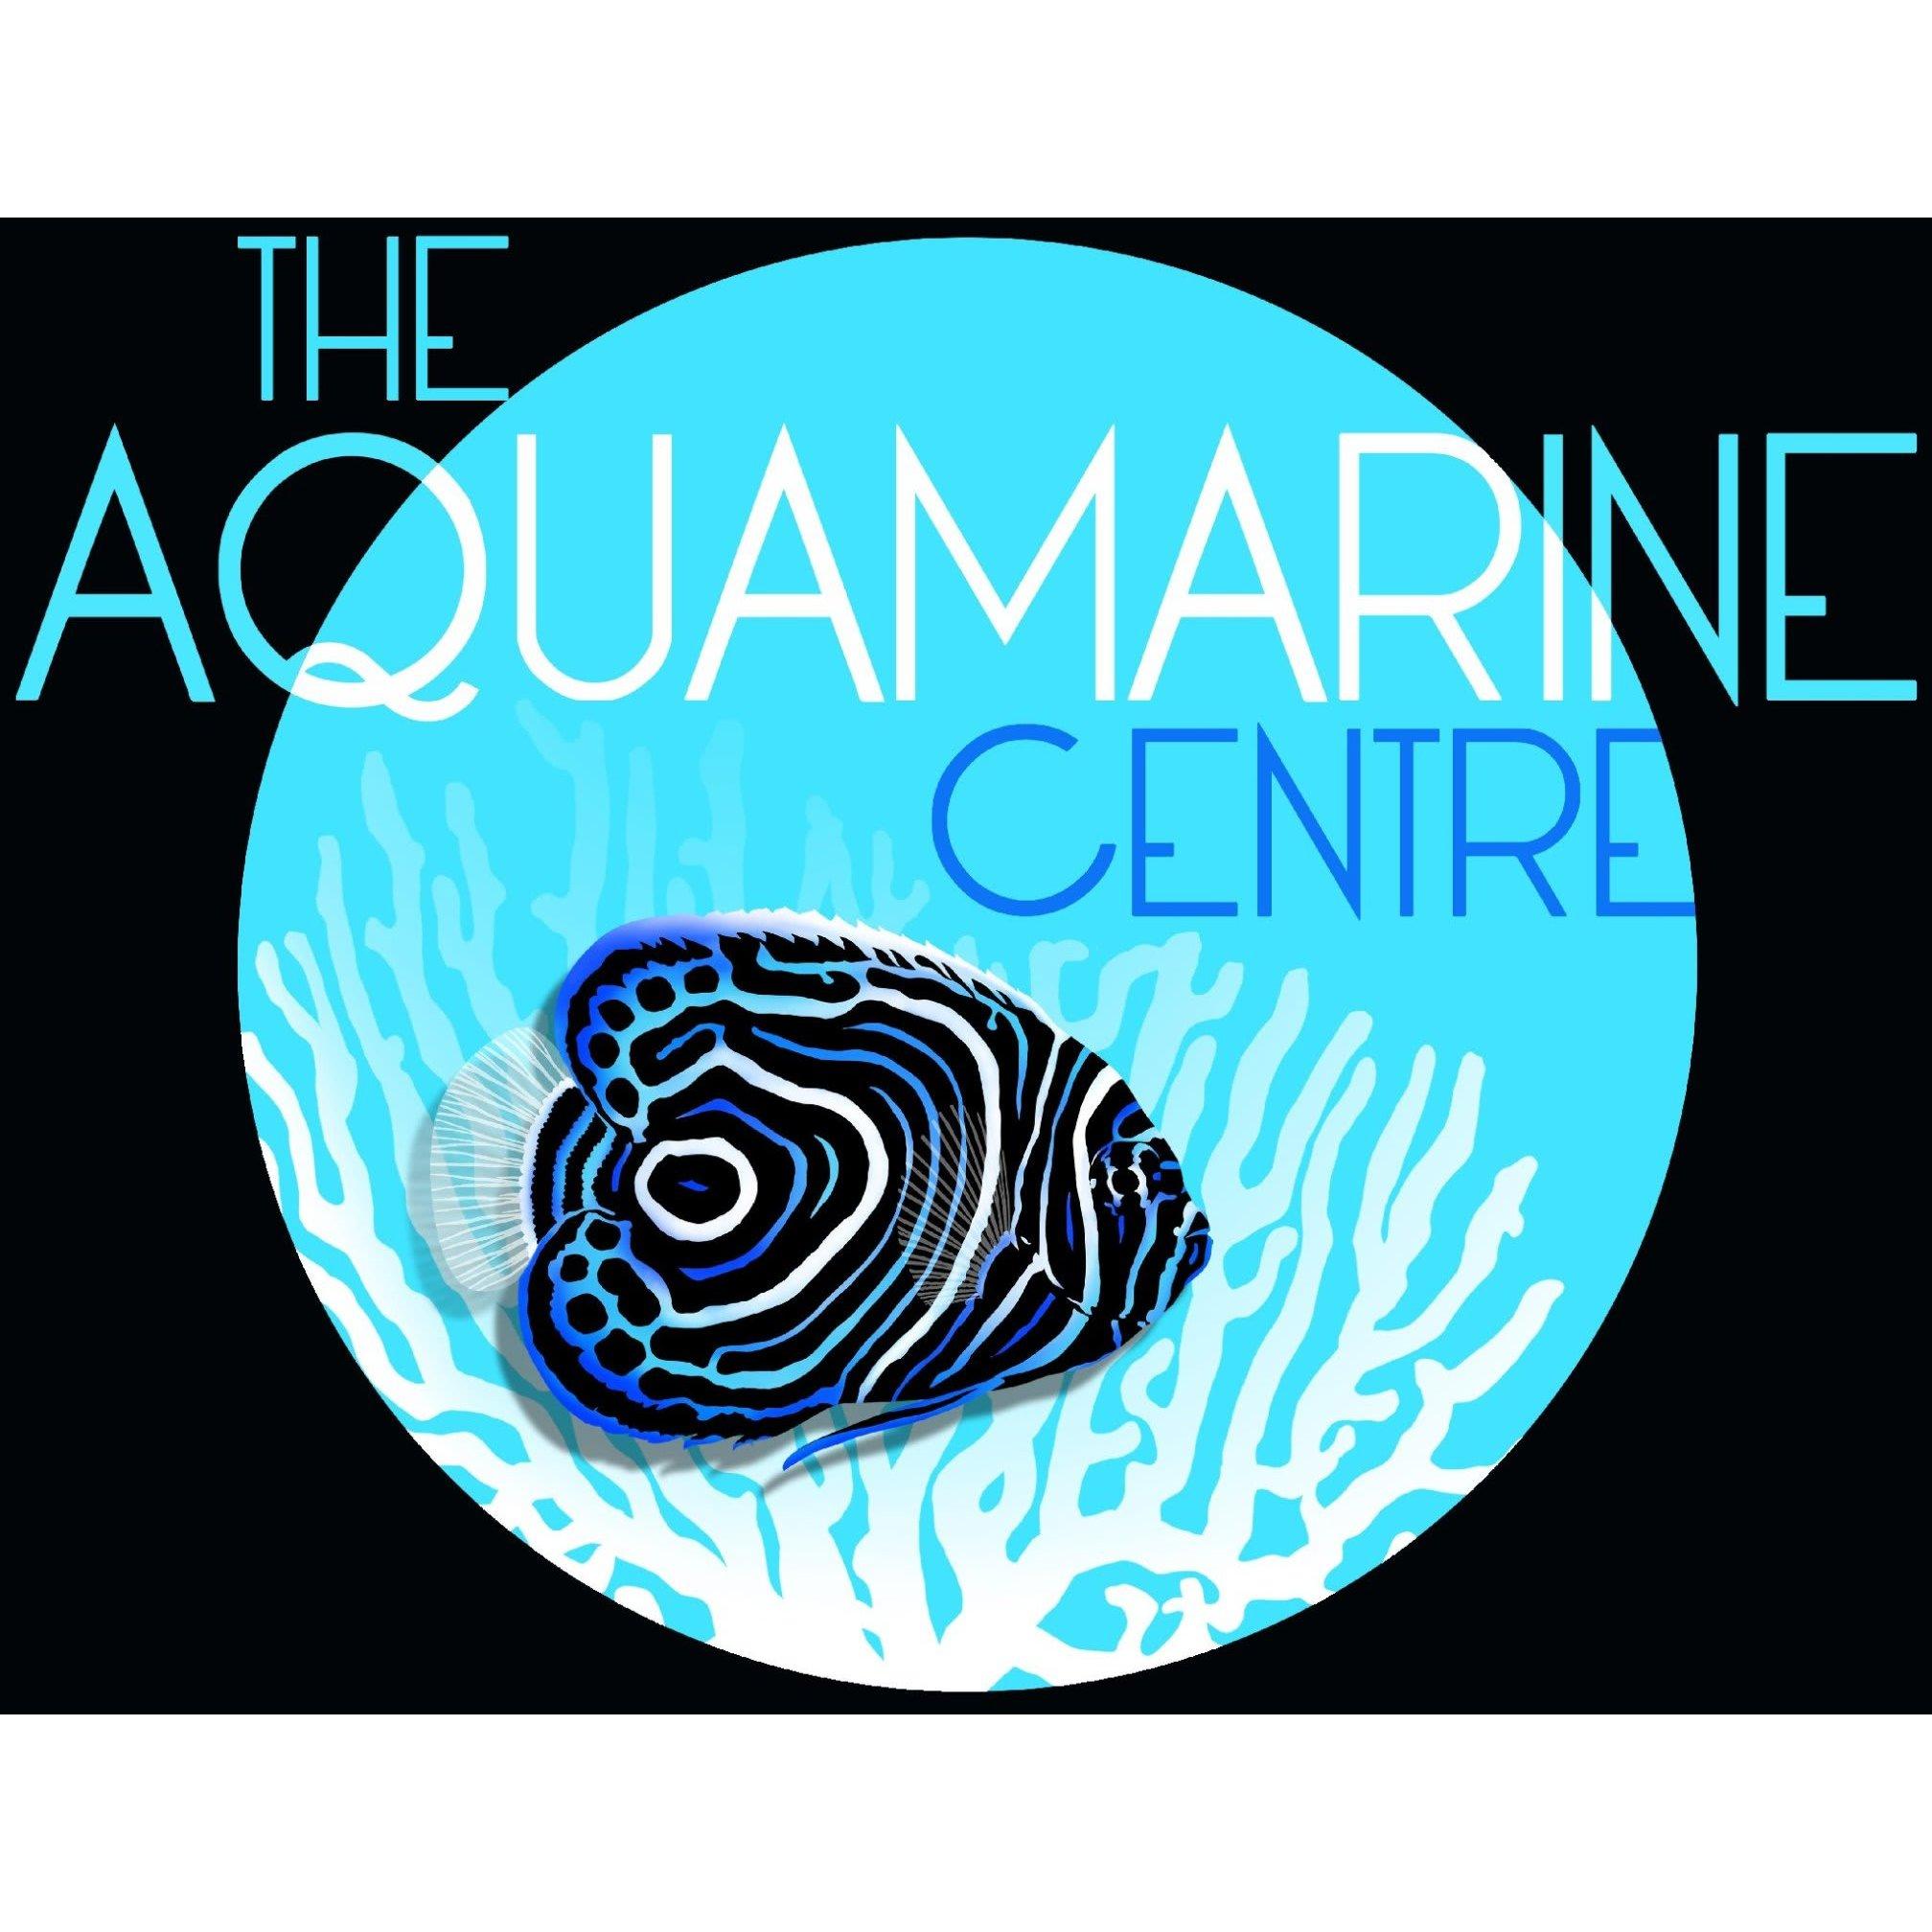 The AquaMarine Centre